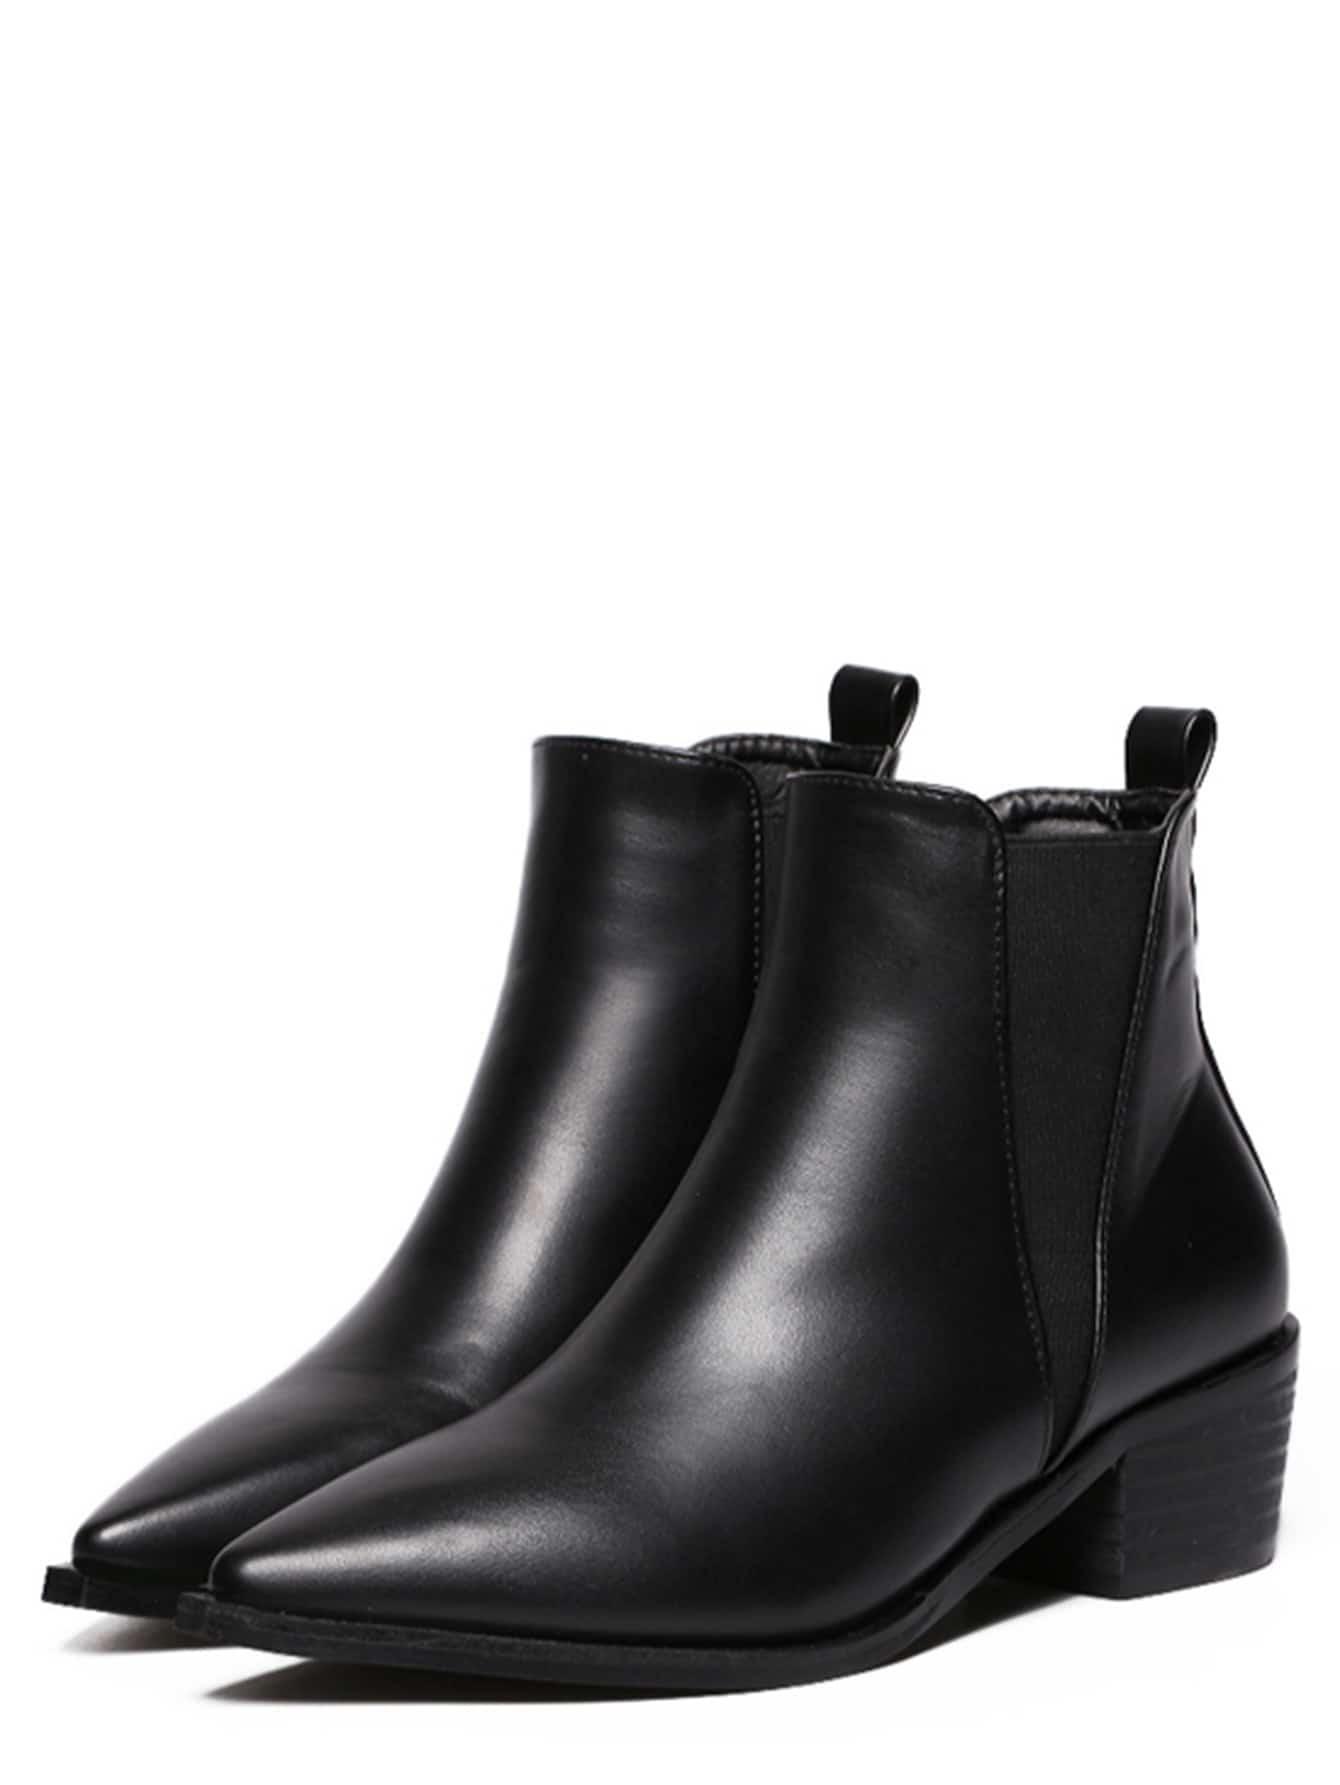 shoes160816817_2